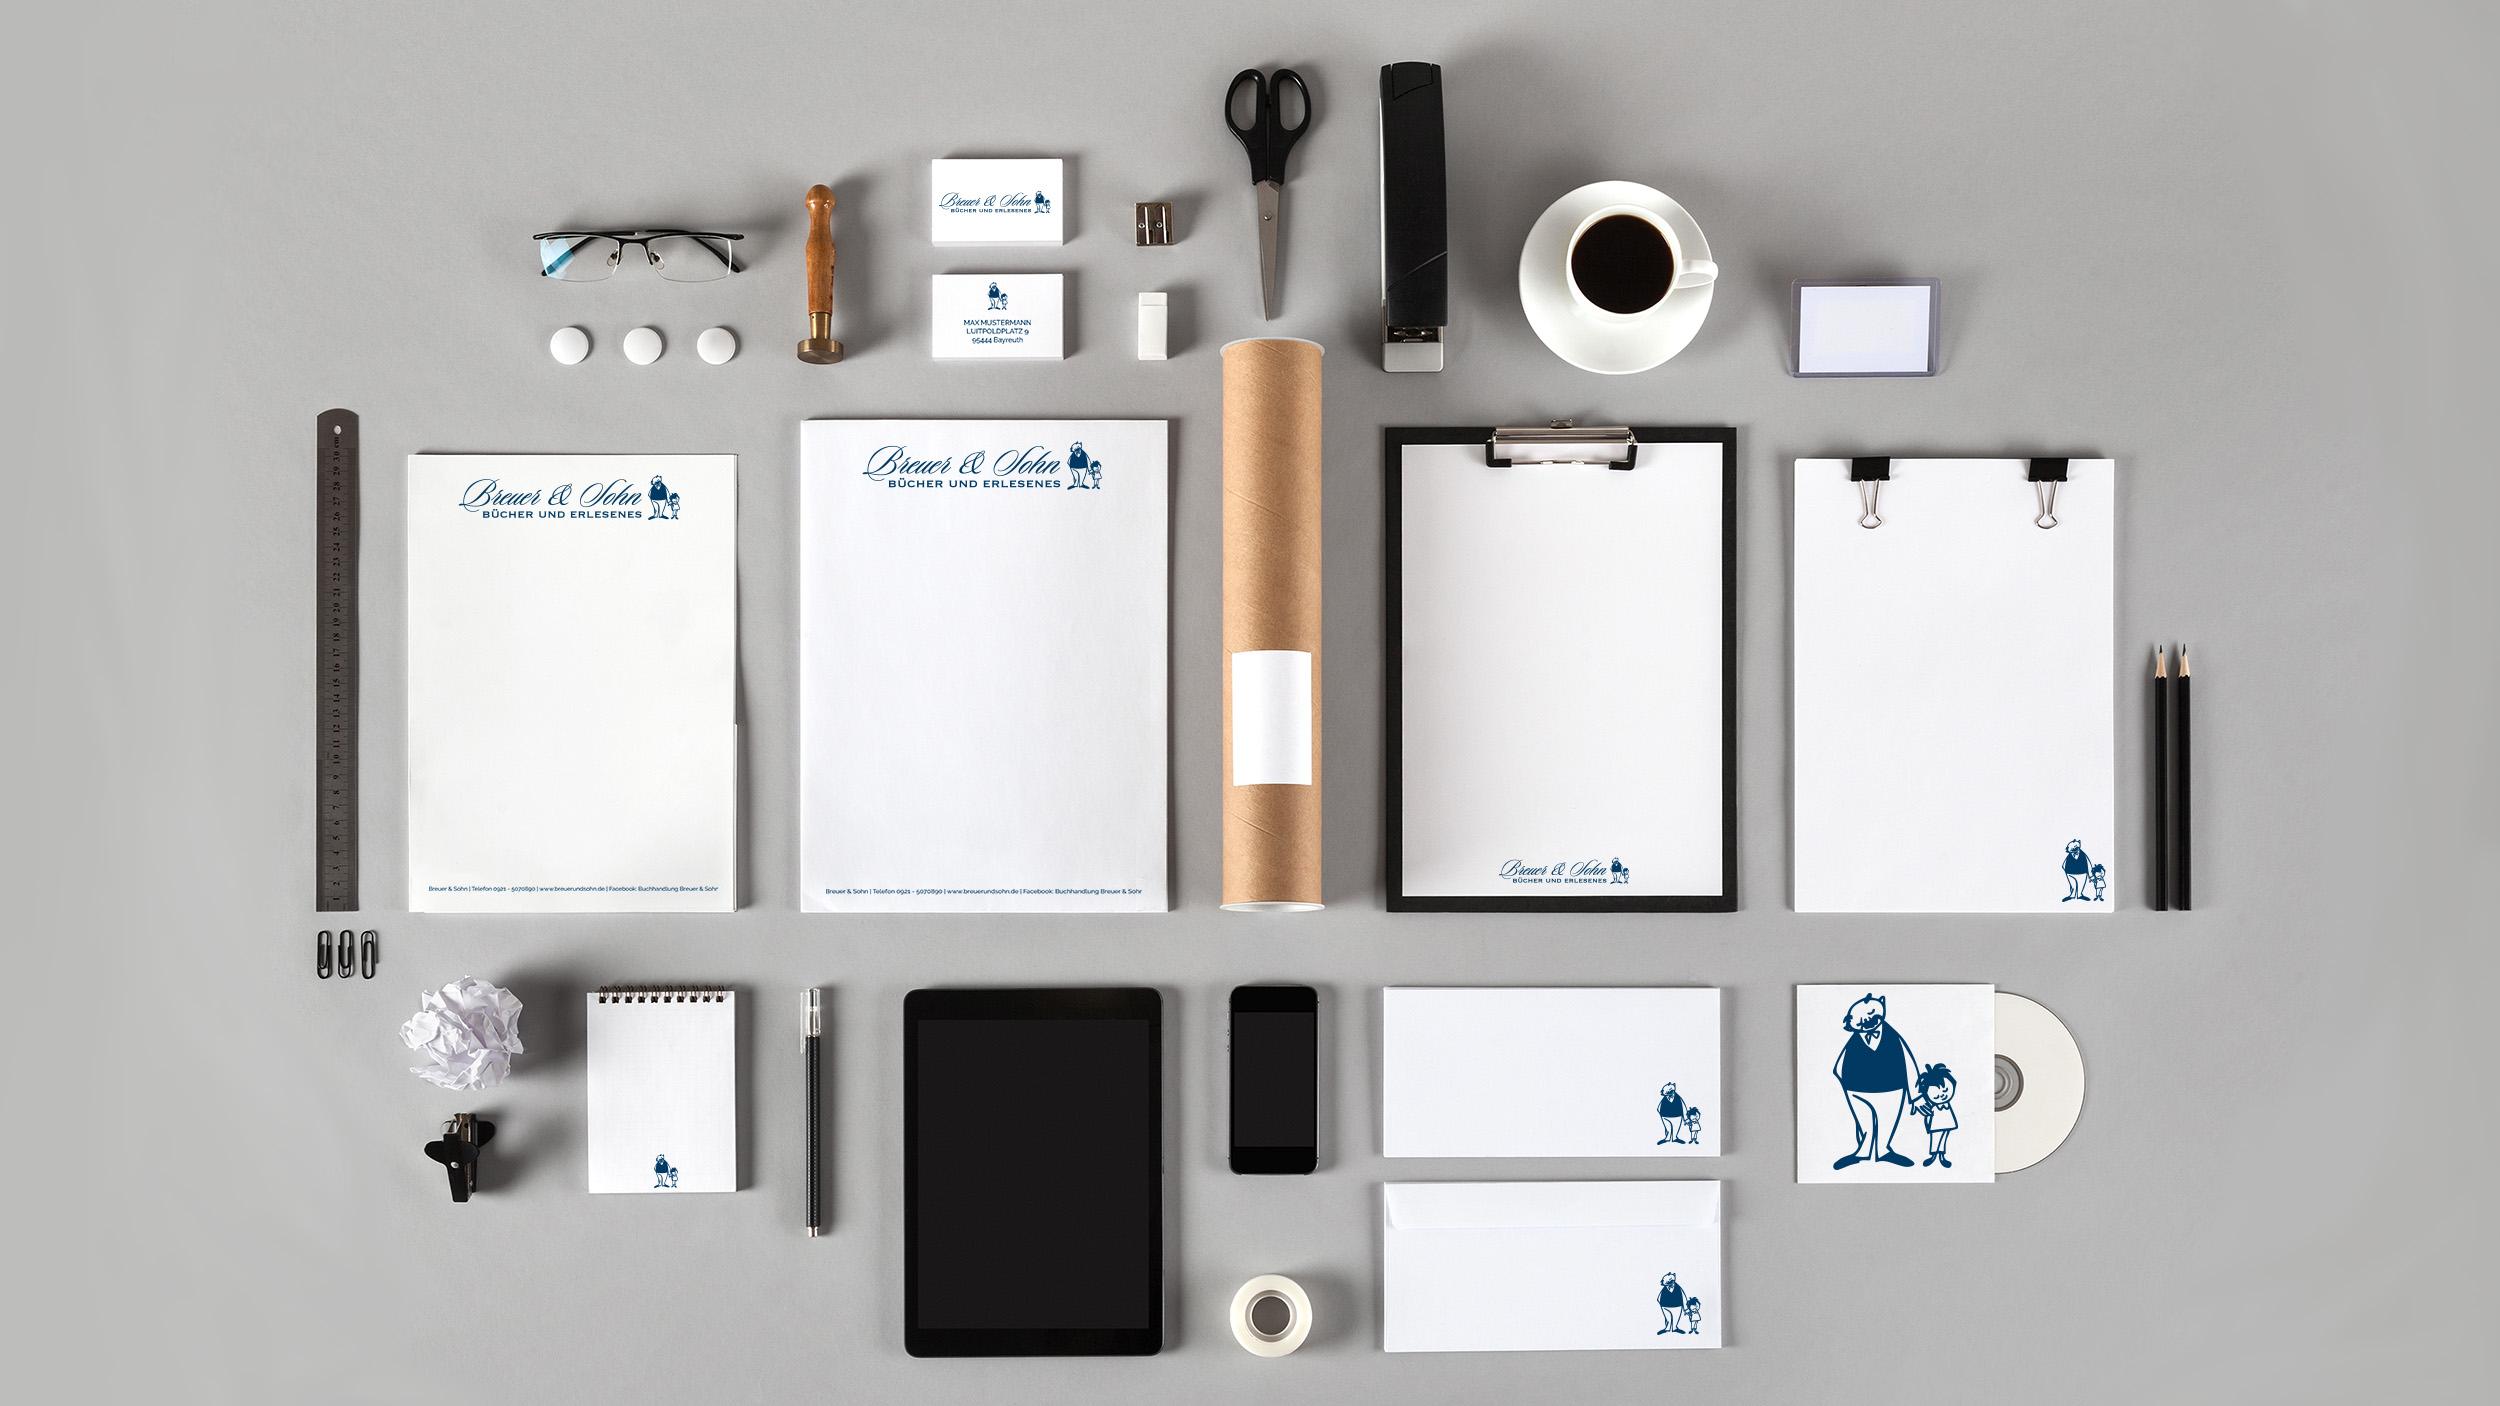 Breuer & Sohn - Buchhandlung - Papeterieboutique - Grußkarten - Einladungskarten - Visitenkarten - Briefbögen - Geschäftspapier - Flyer - Design